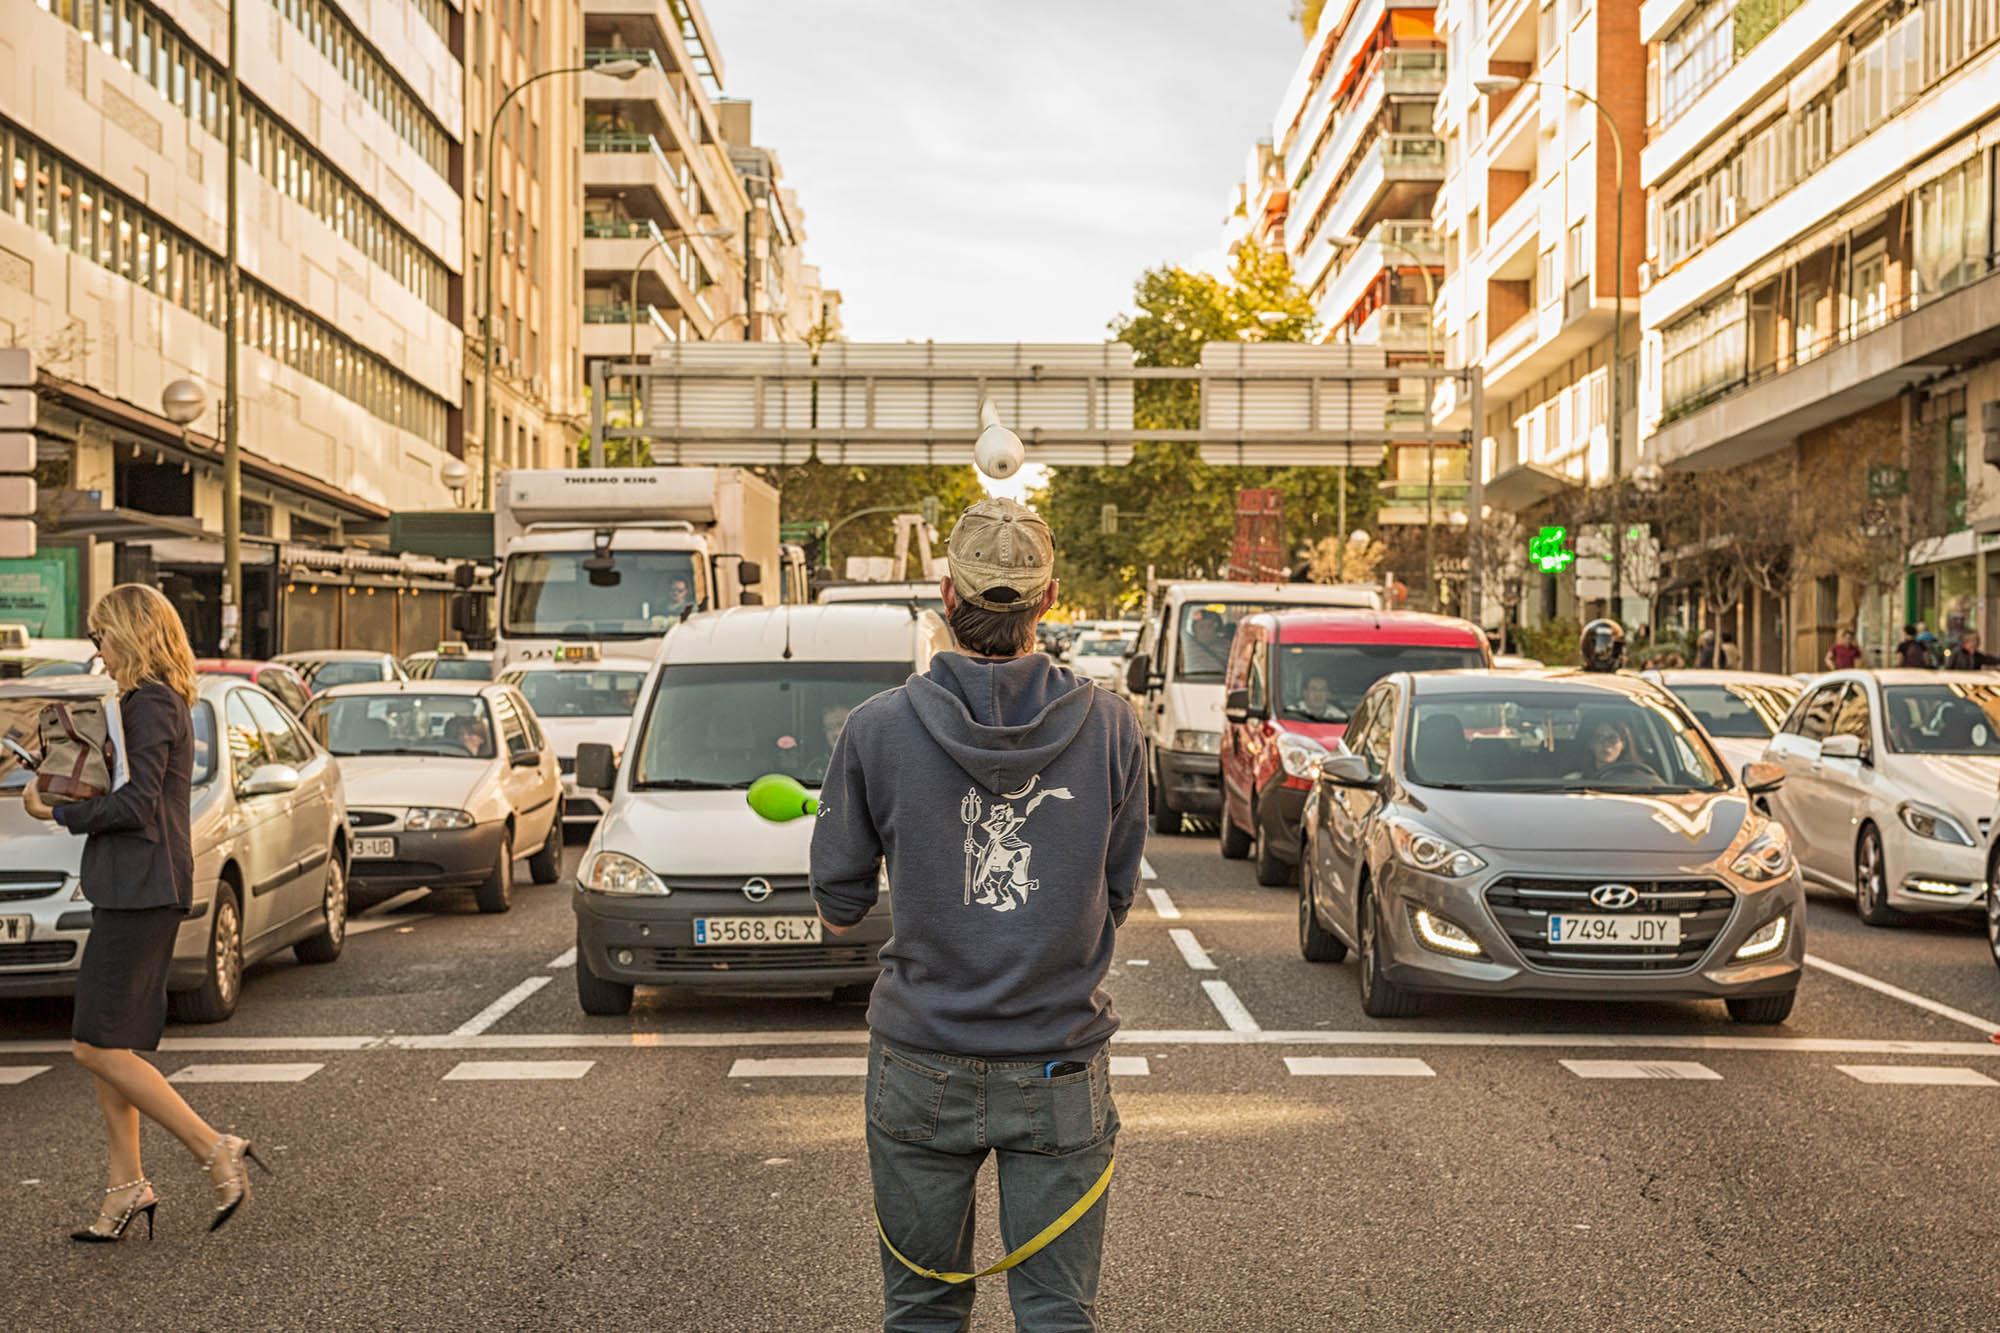 45 Madrid juggler